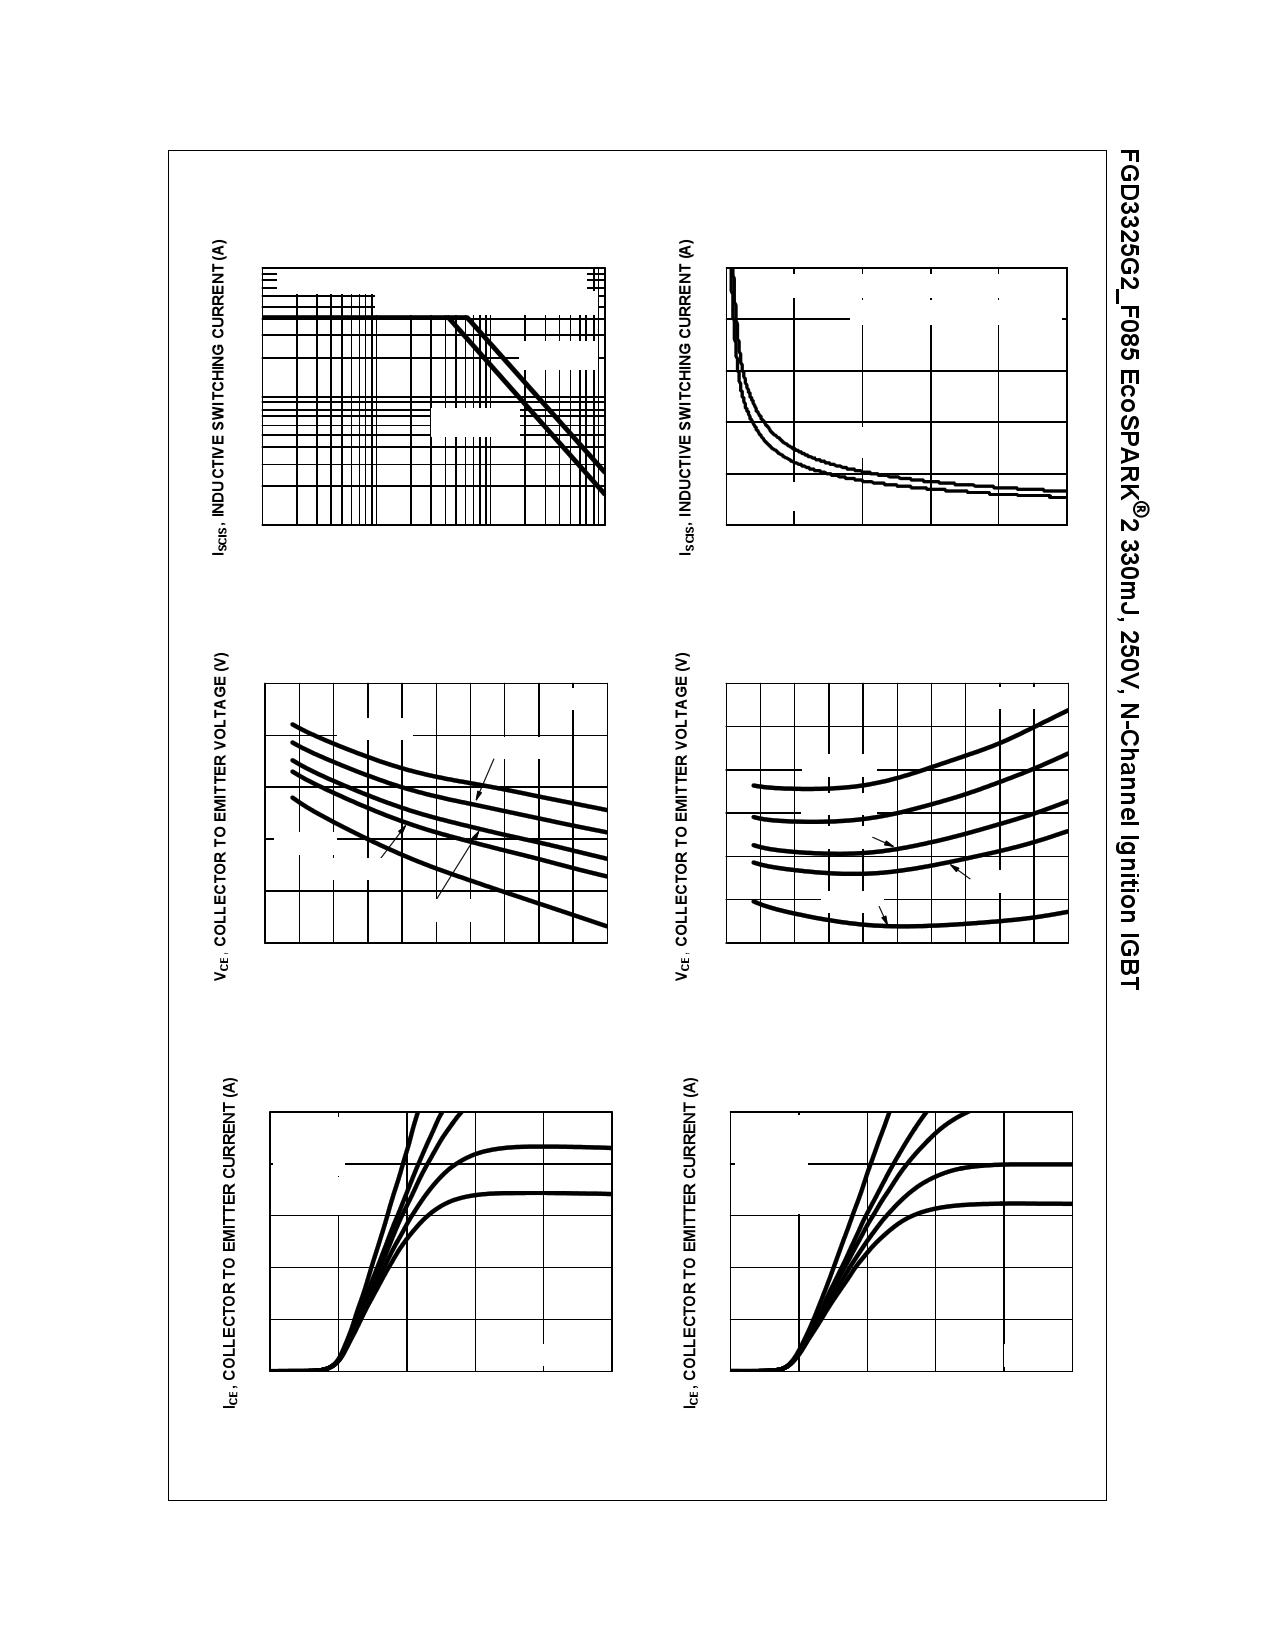 FGD3325G2_F085 pdf, 반도체, 판매, 대치품